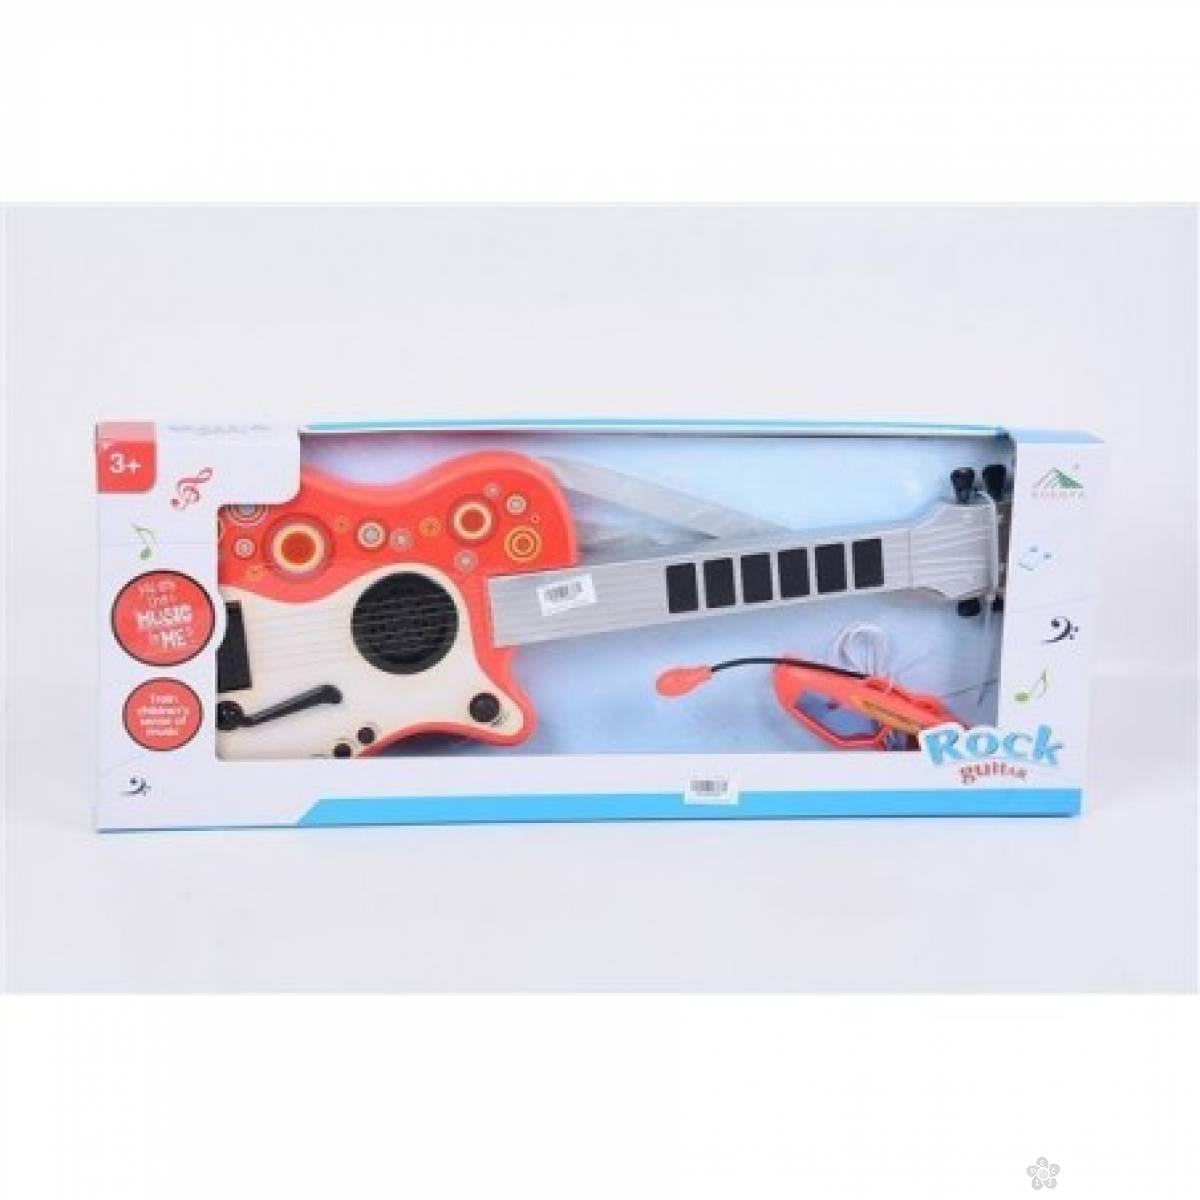 Rok gitara za decu  A7 11/68866